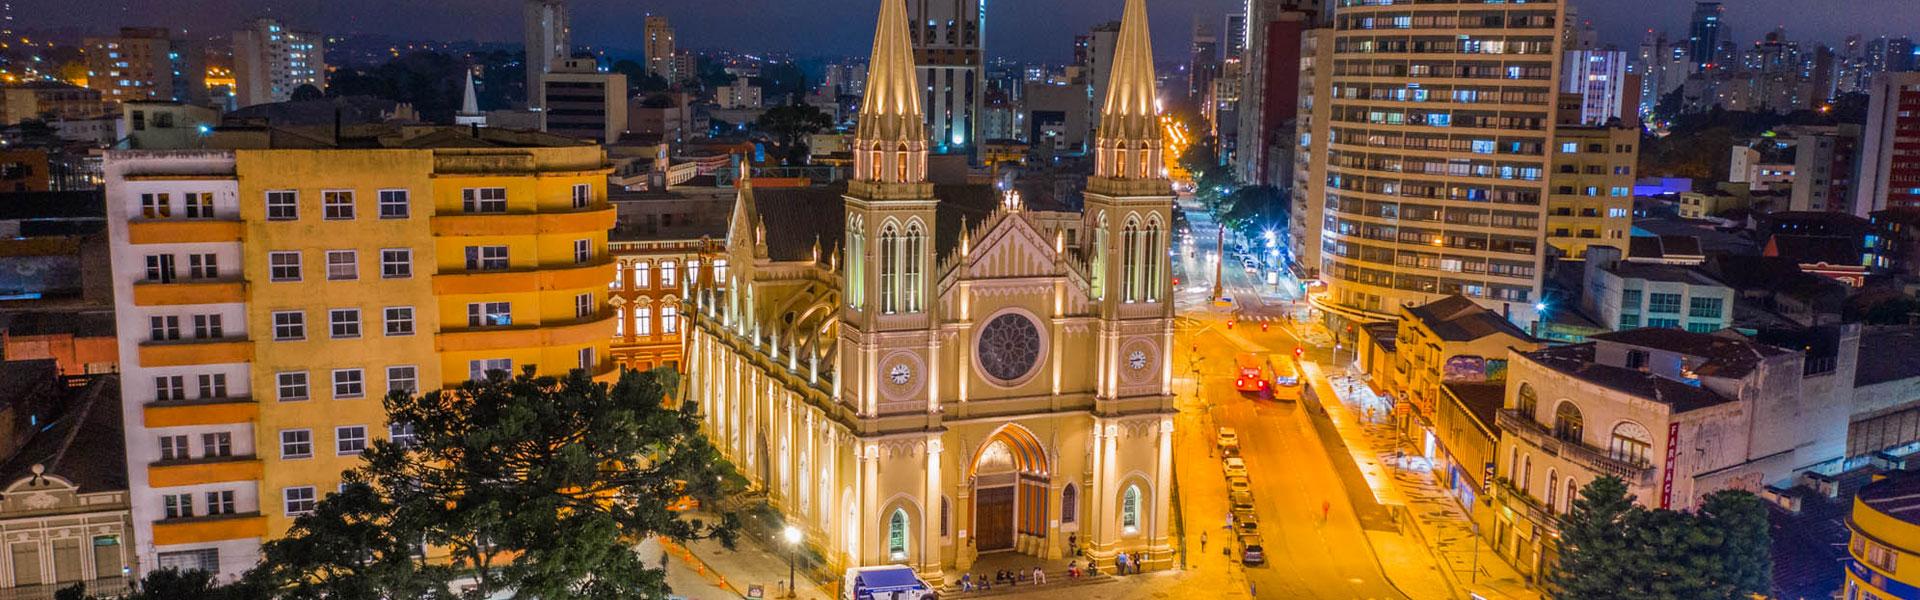 Catedral Basílica de Curitiba